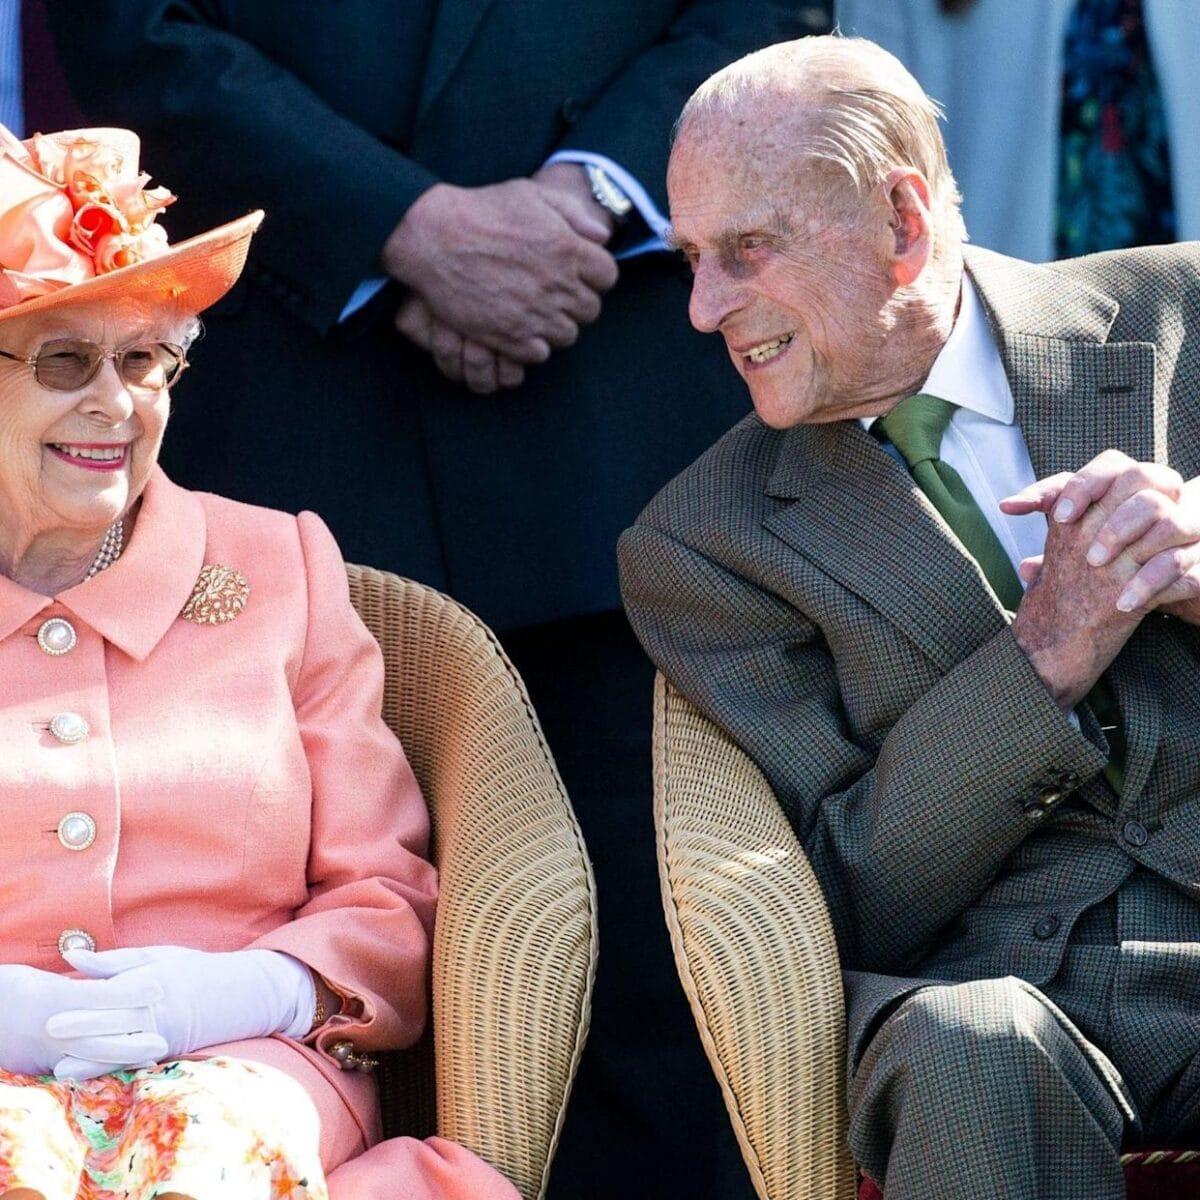 سبب وفاة الأمير فيليب هو الشيخوخة